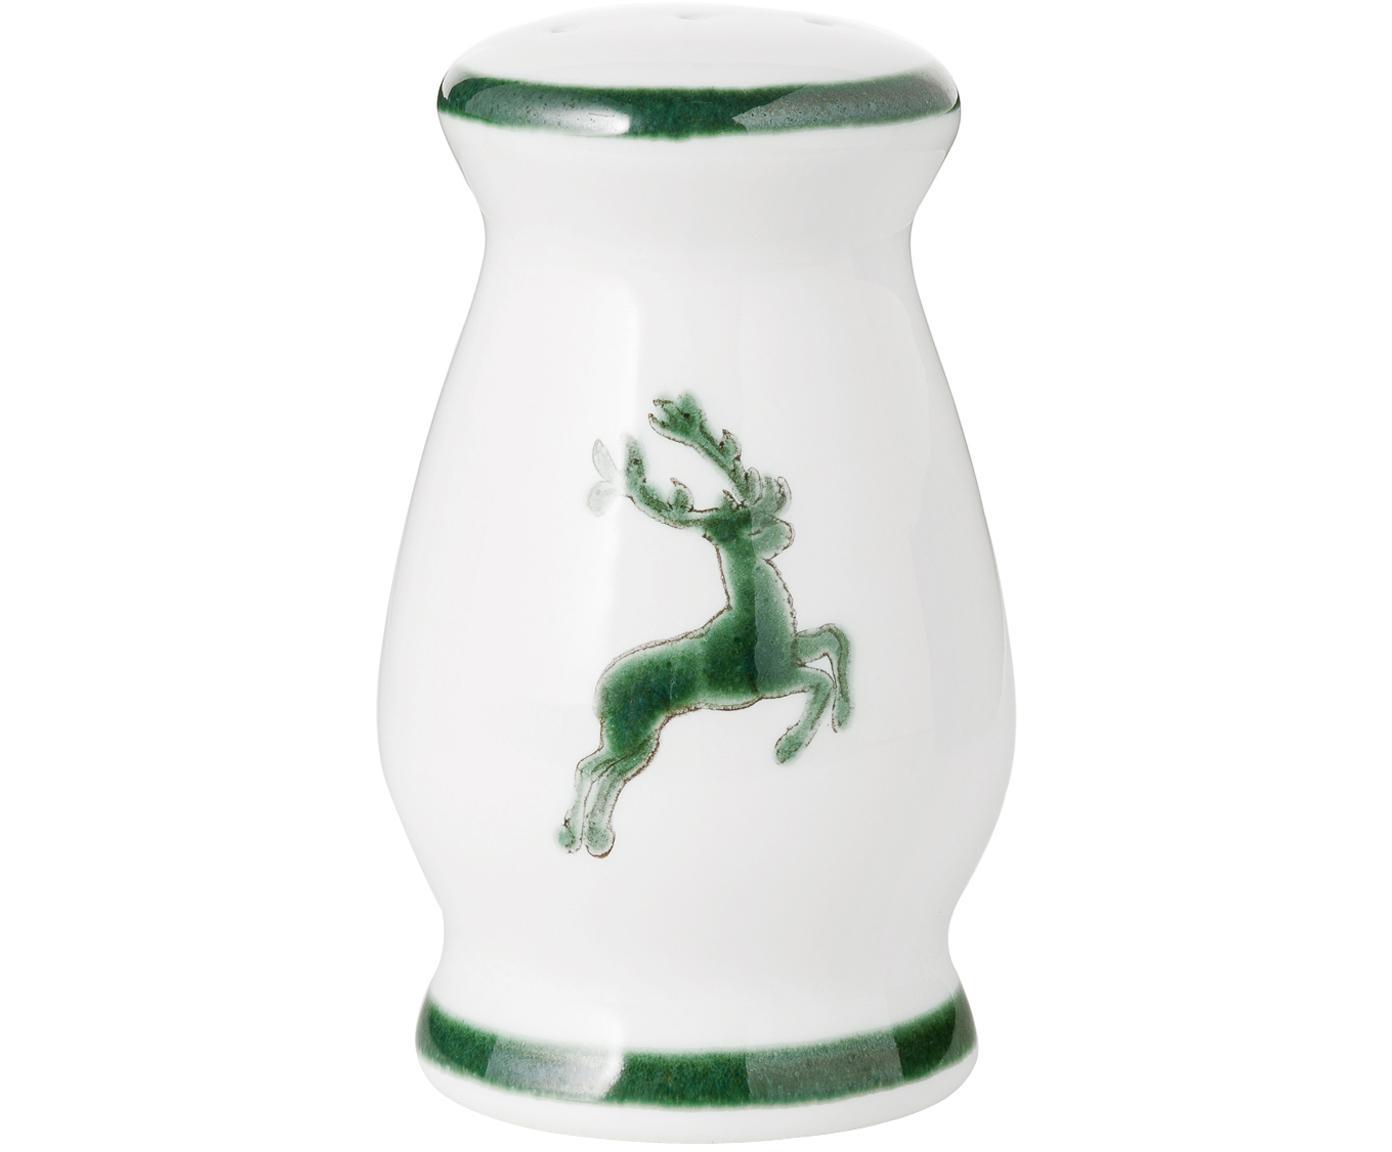 Pieprzniczka Gourmet Grüner Hirsch, Ceramika, Zielony, biały, 4 x 6 cm